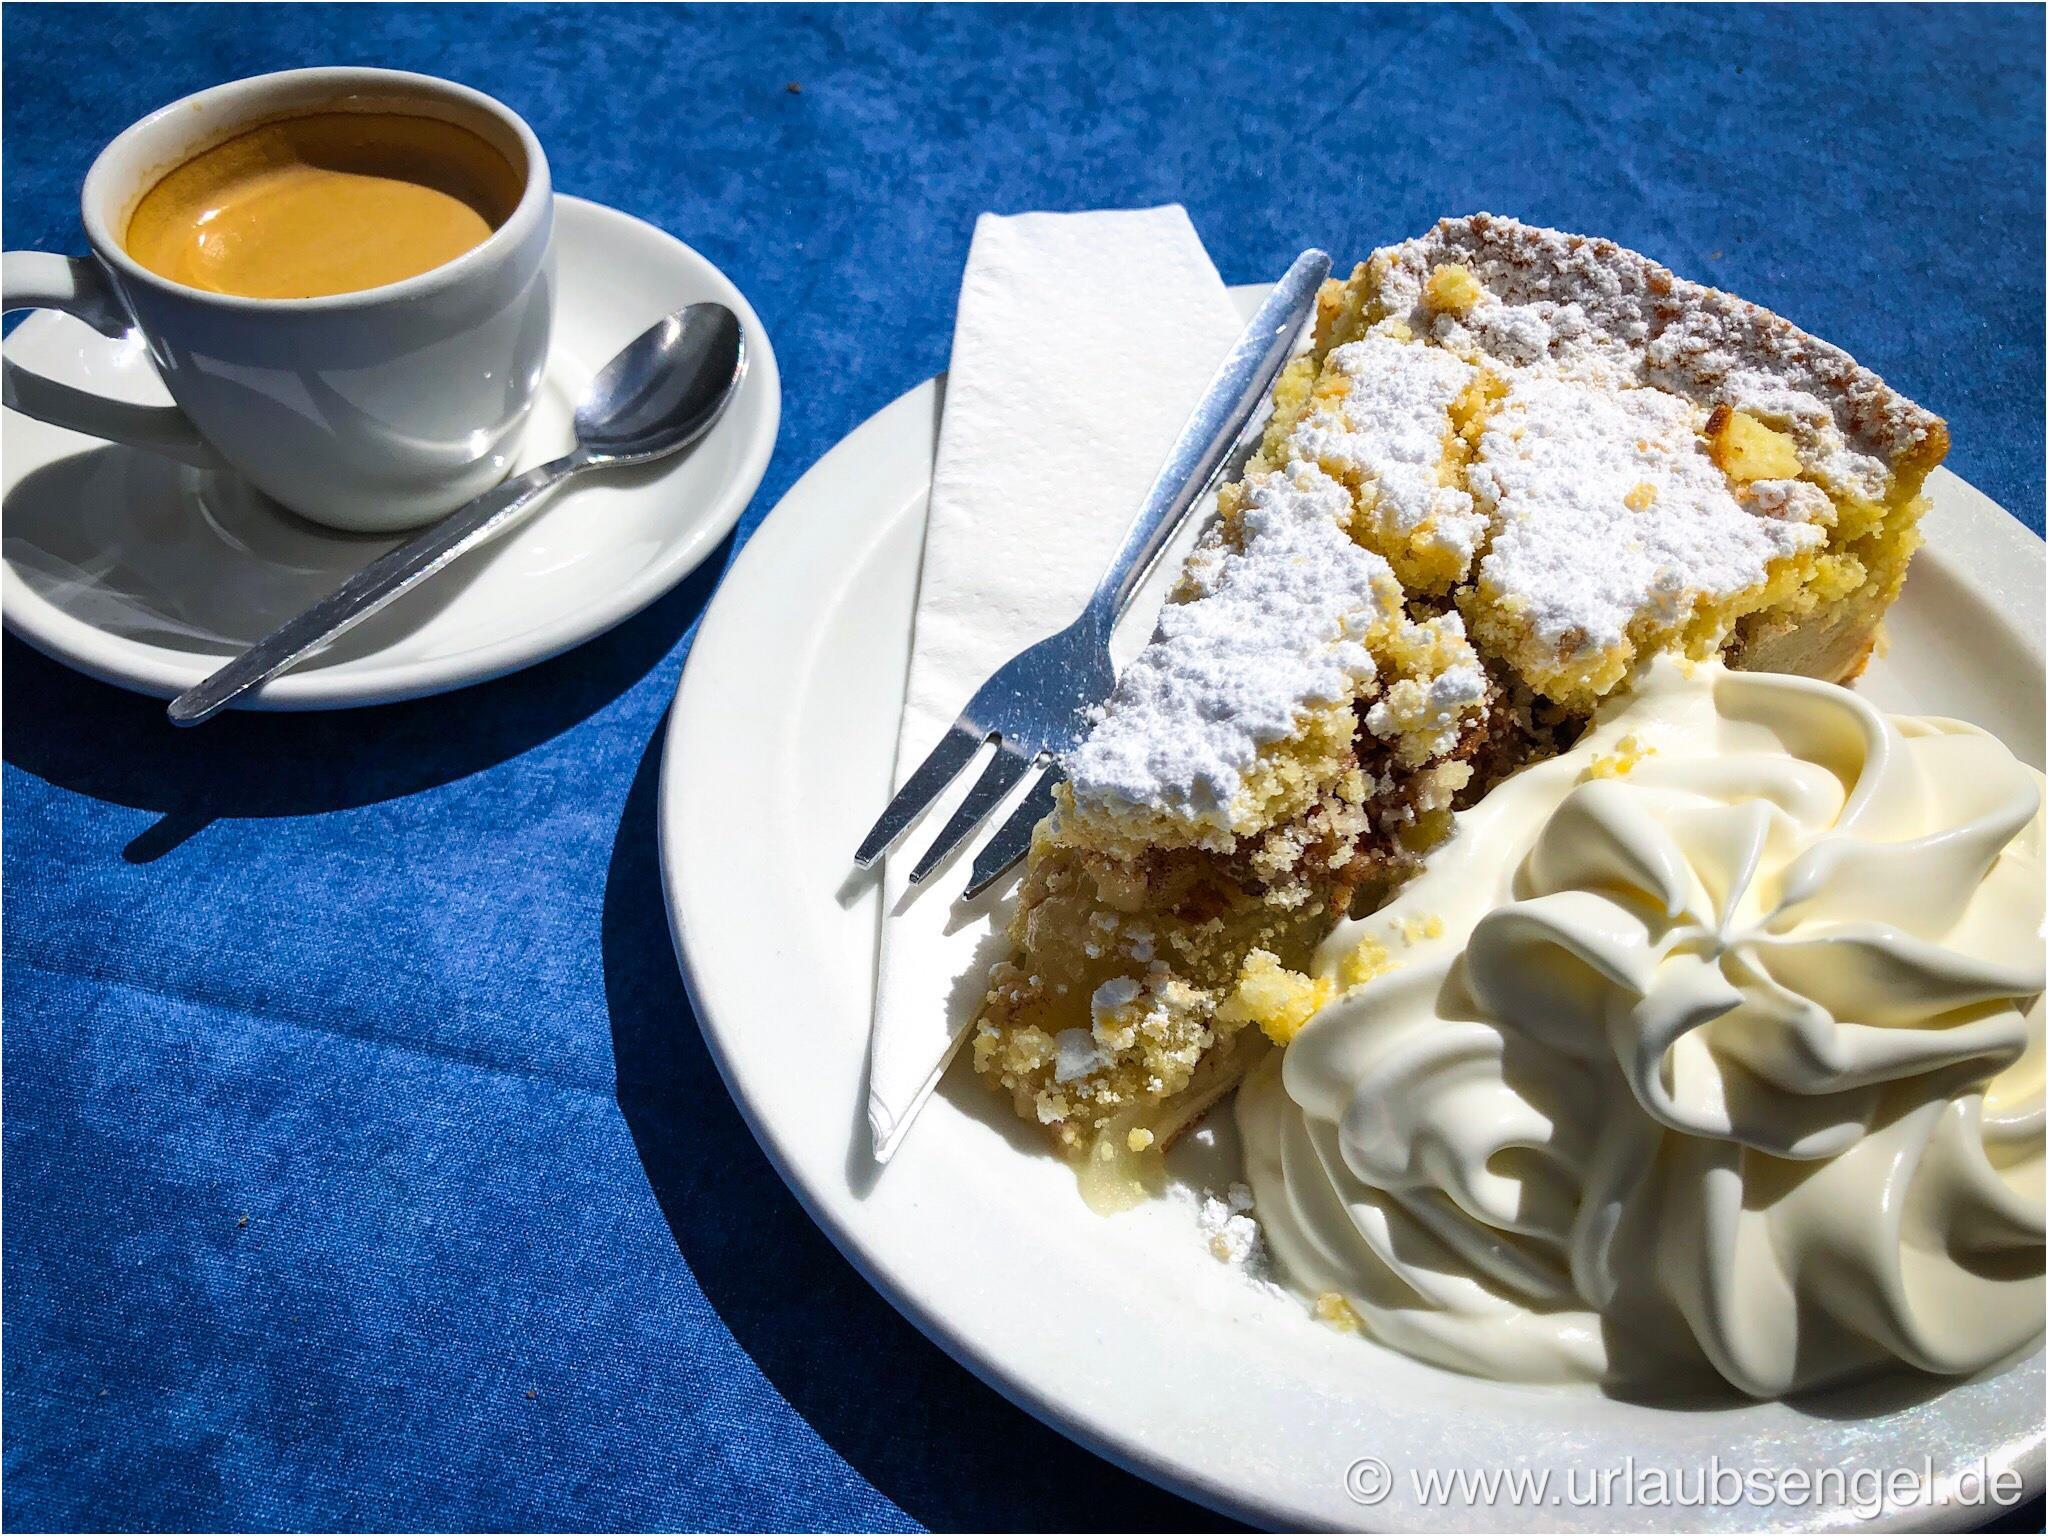 Gedeckter Apfelkuchen im Cafe Anton in Swakopmund